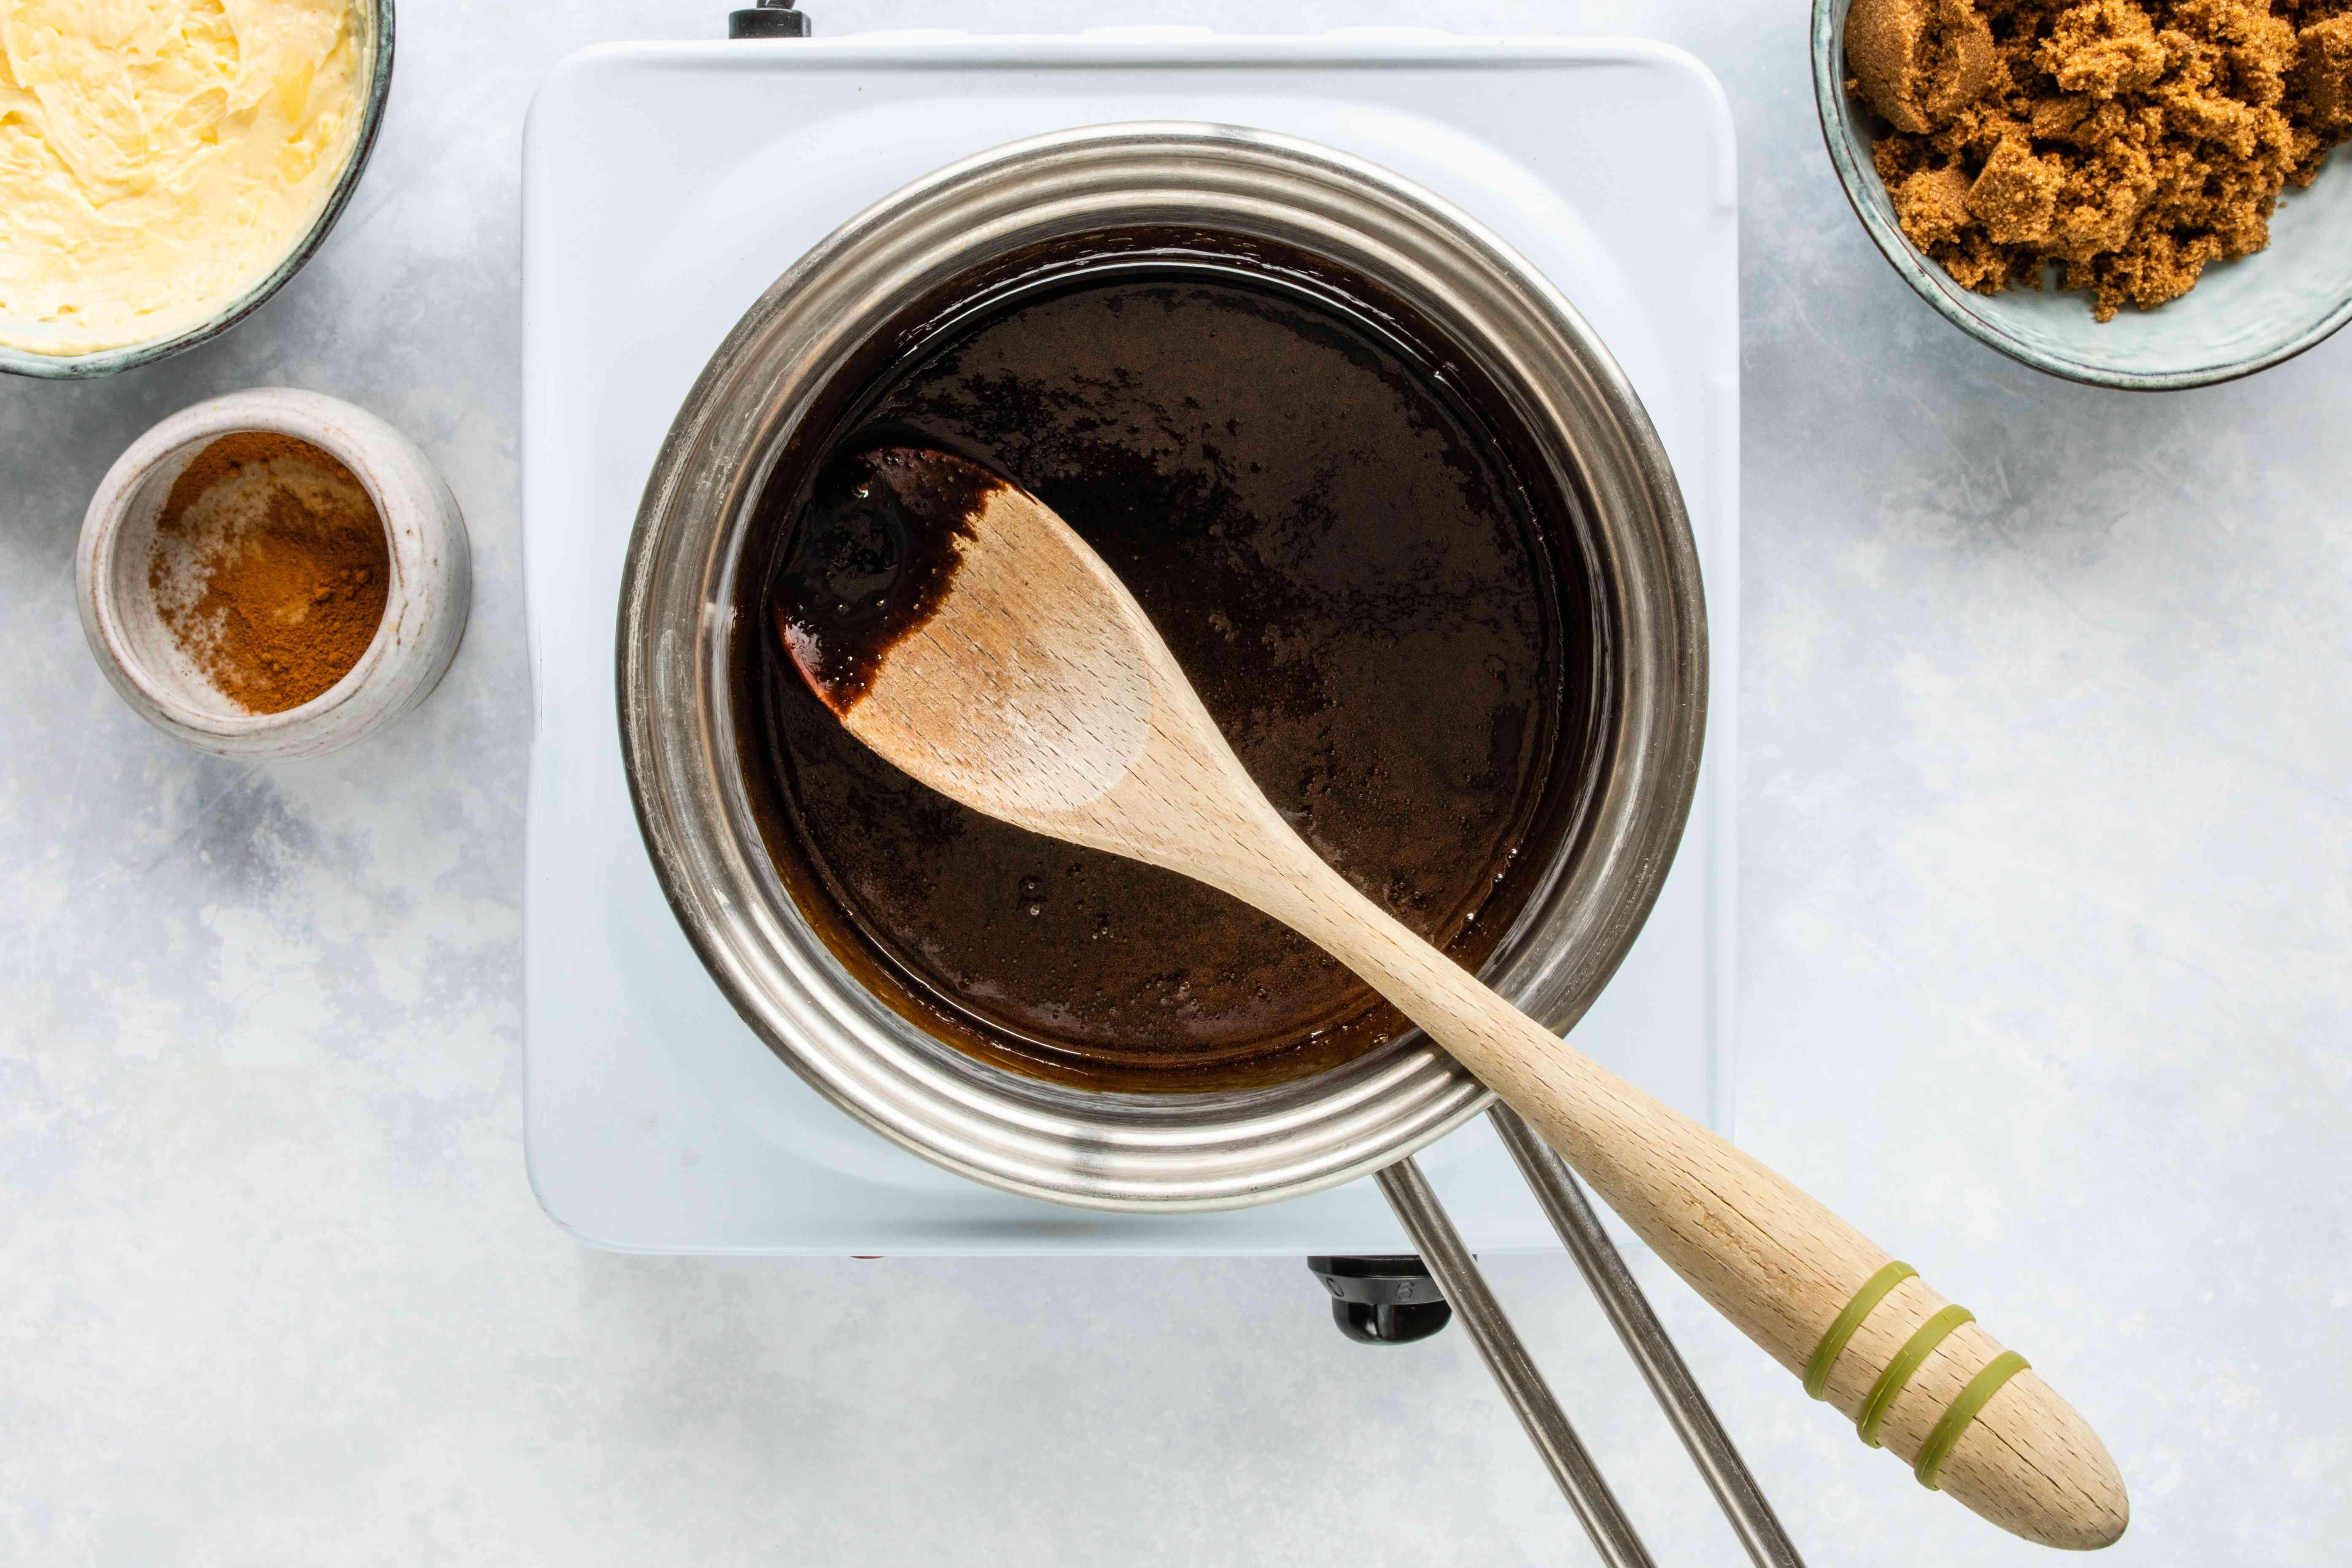 Warm the molasses